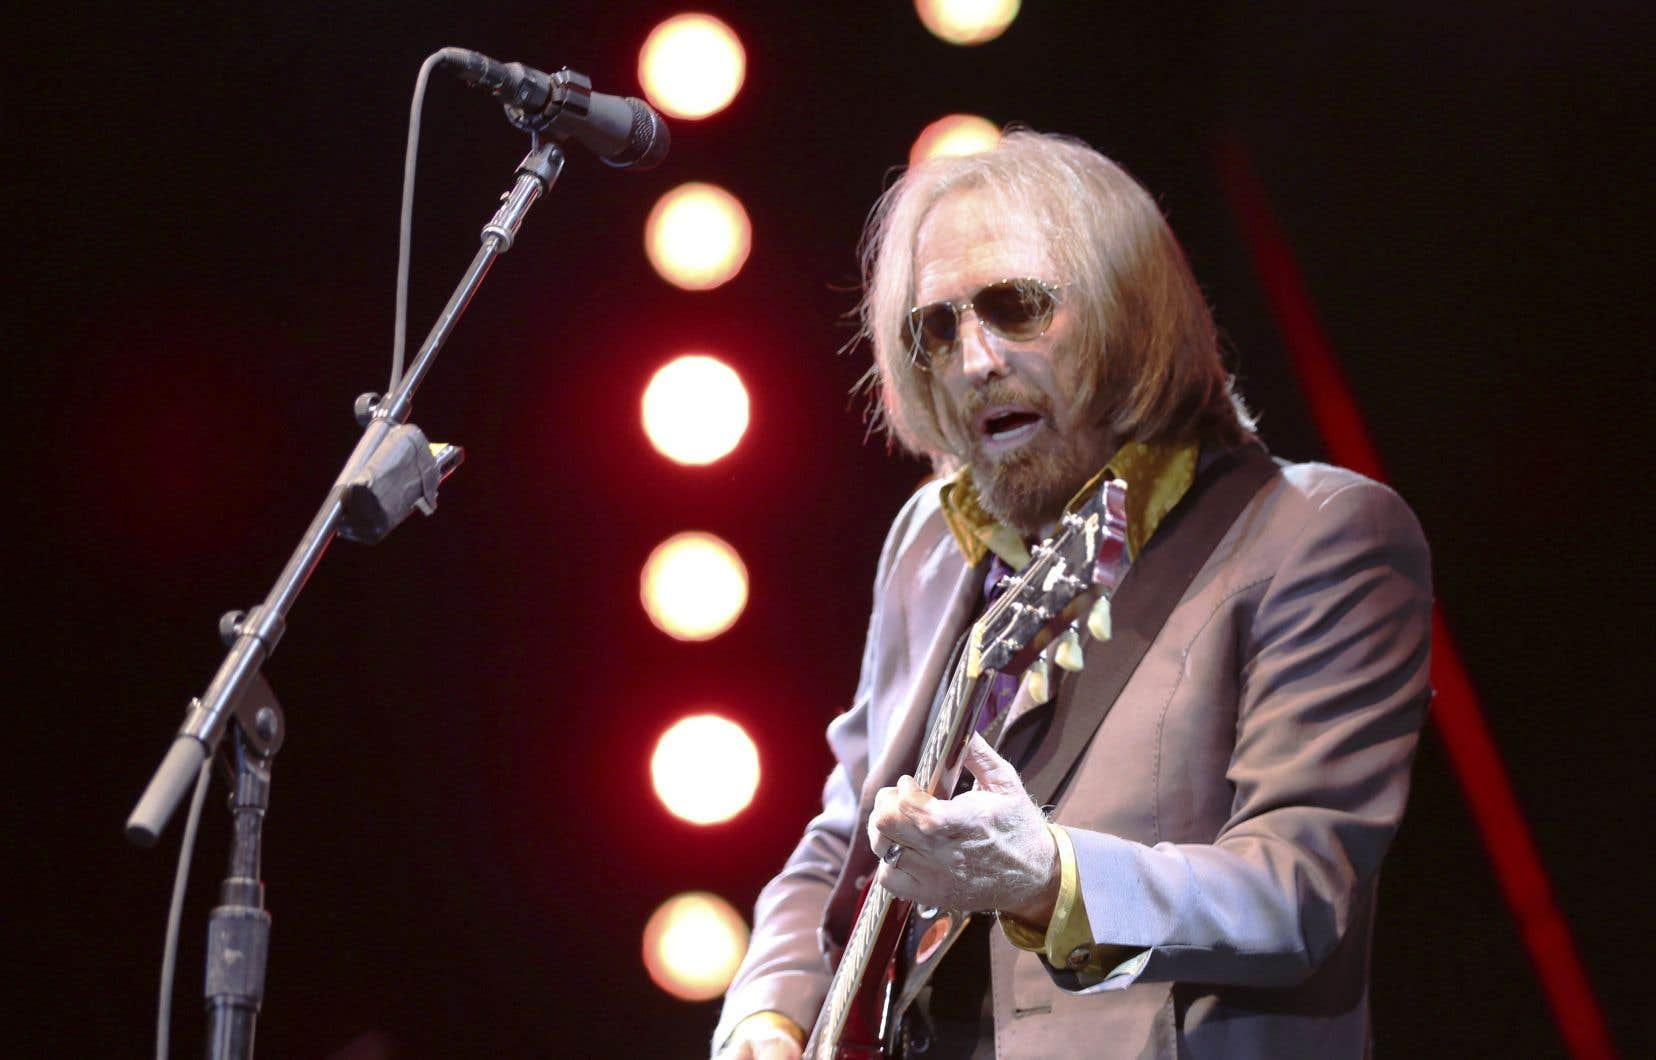 Le chanteur américain Tom Petty en concert à Pasadena, en Californie, en juin dernier